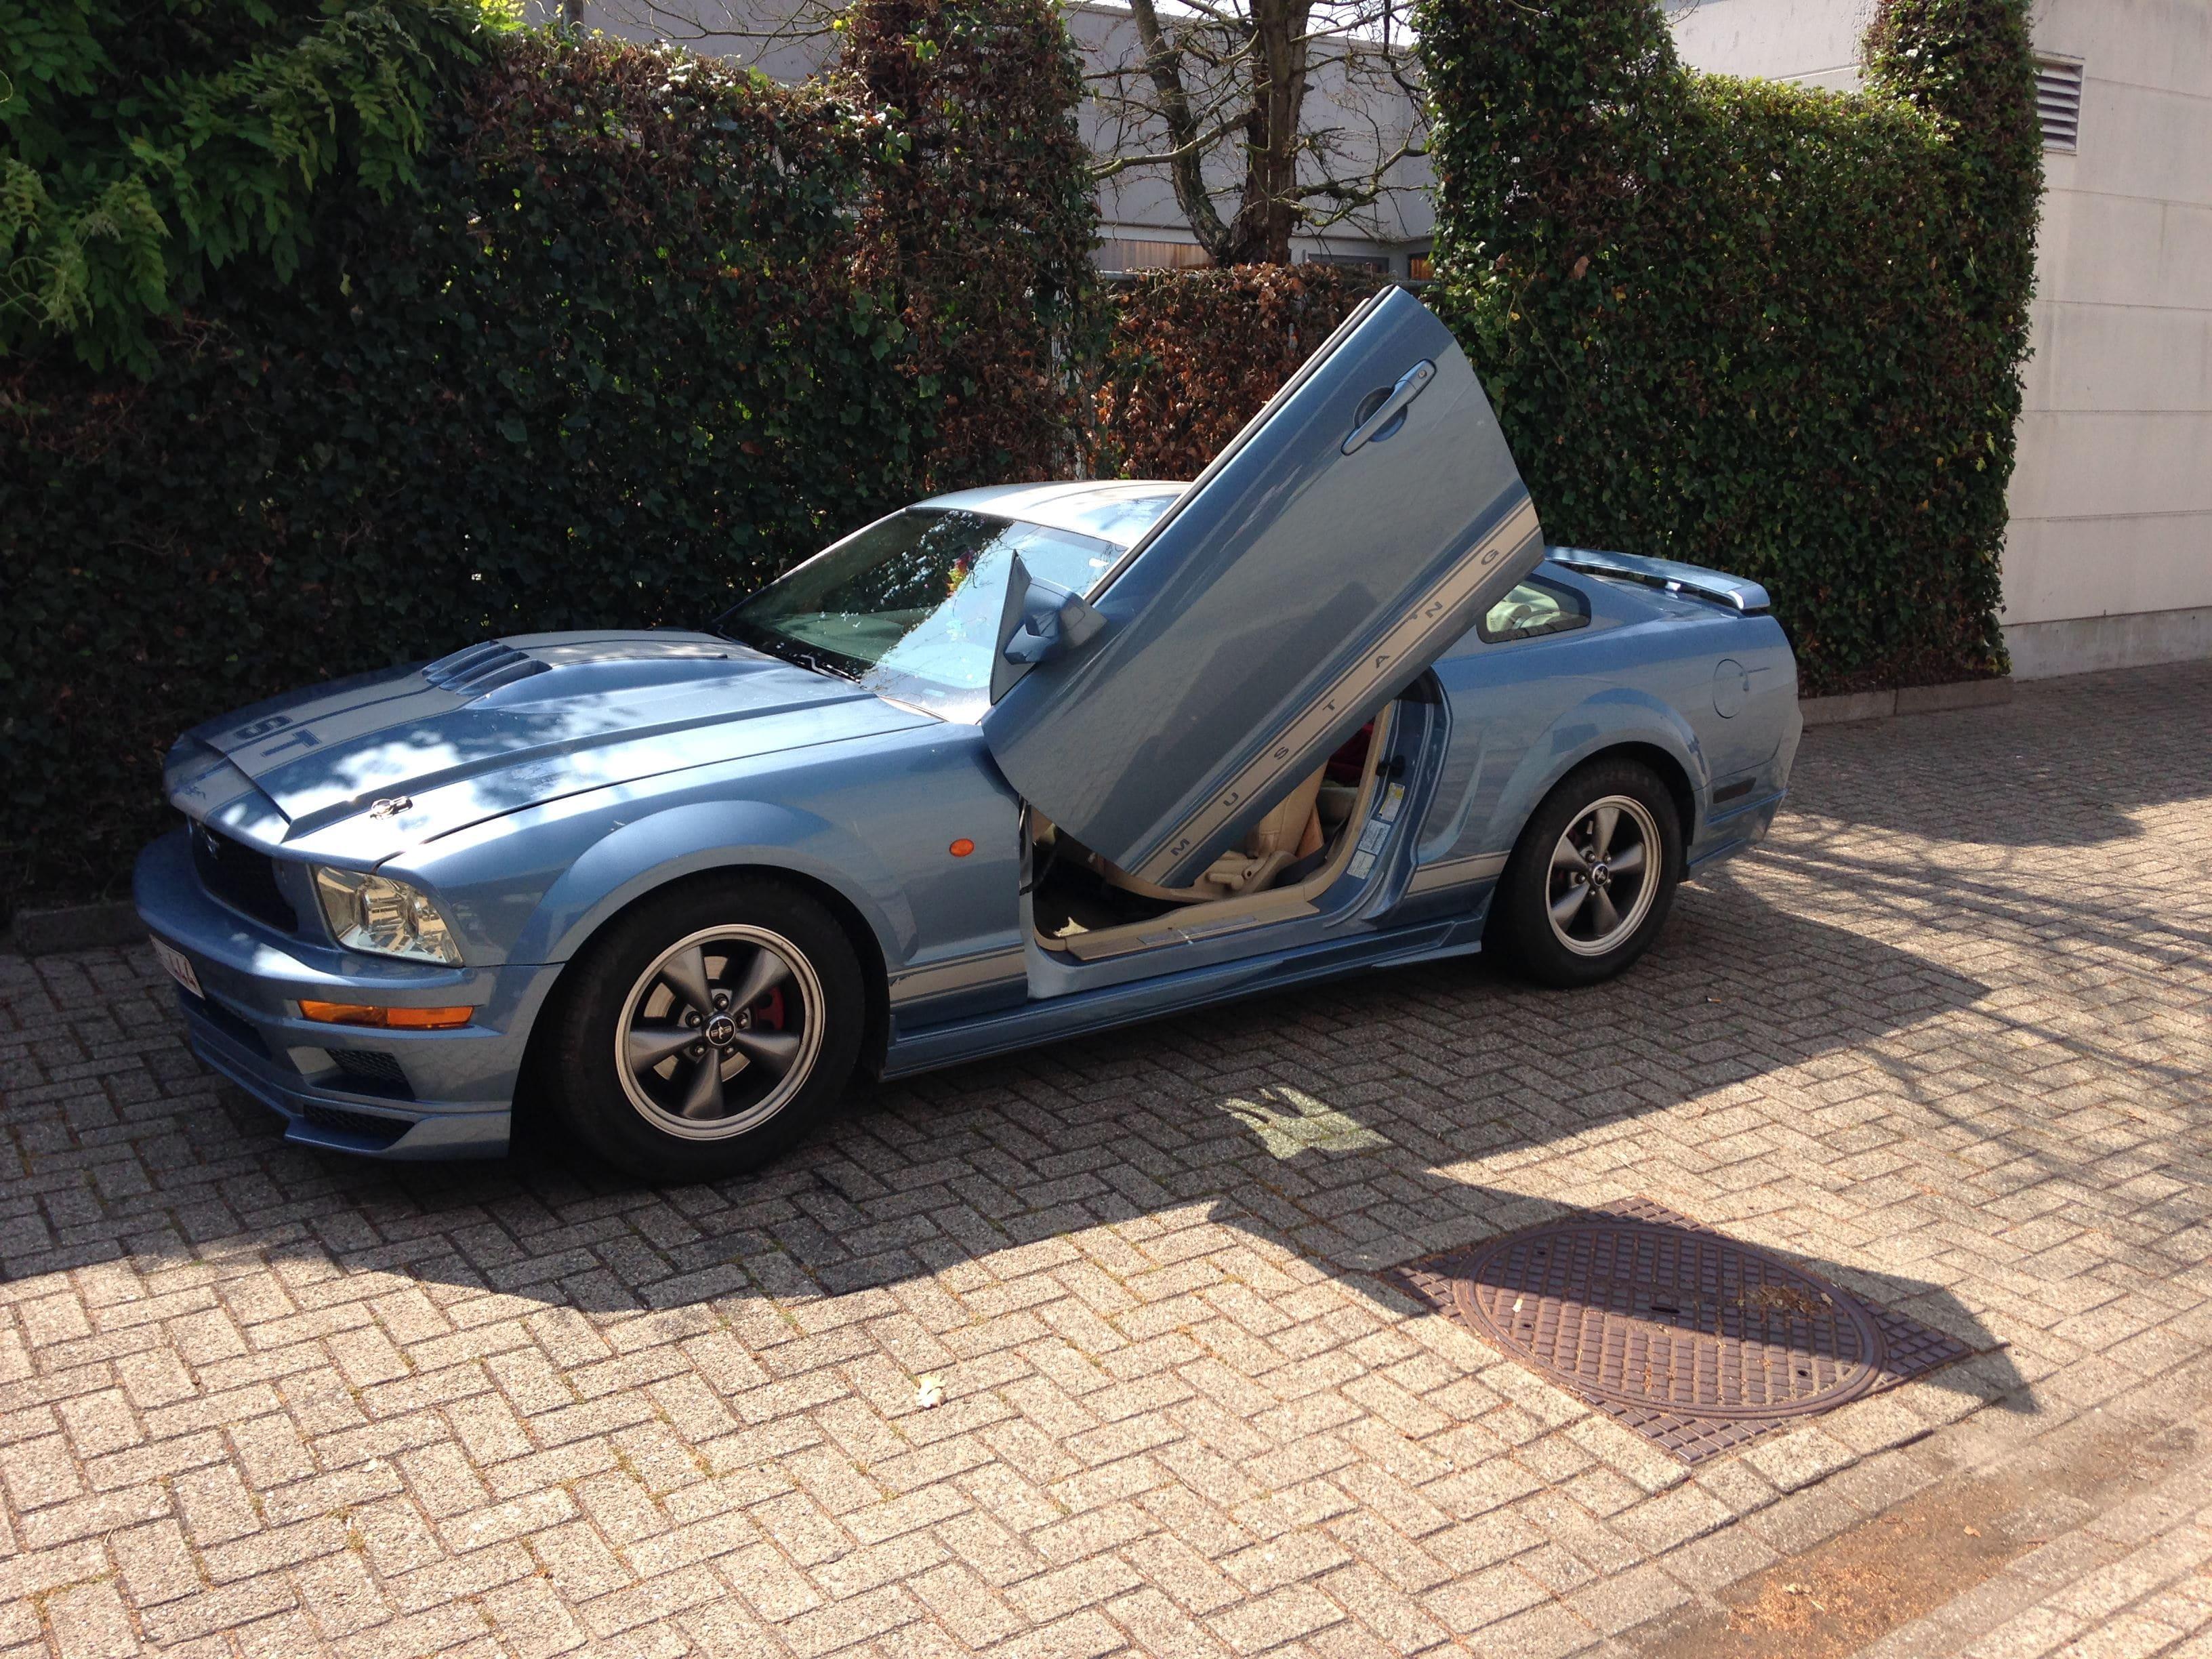 Ford Mustang 2009 met Mat Rode wrap, Carwrapping door Wrapmyride.nu Foto-nr:5819, ©2020